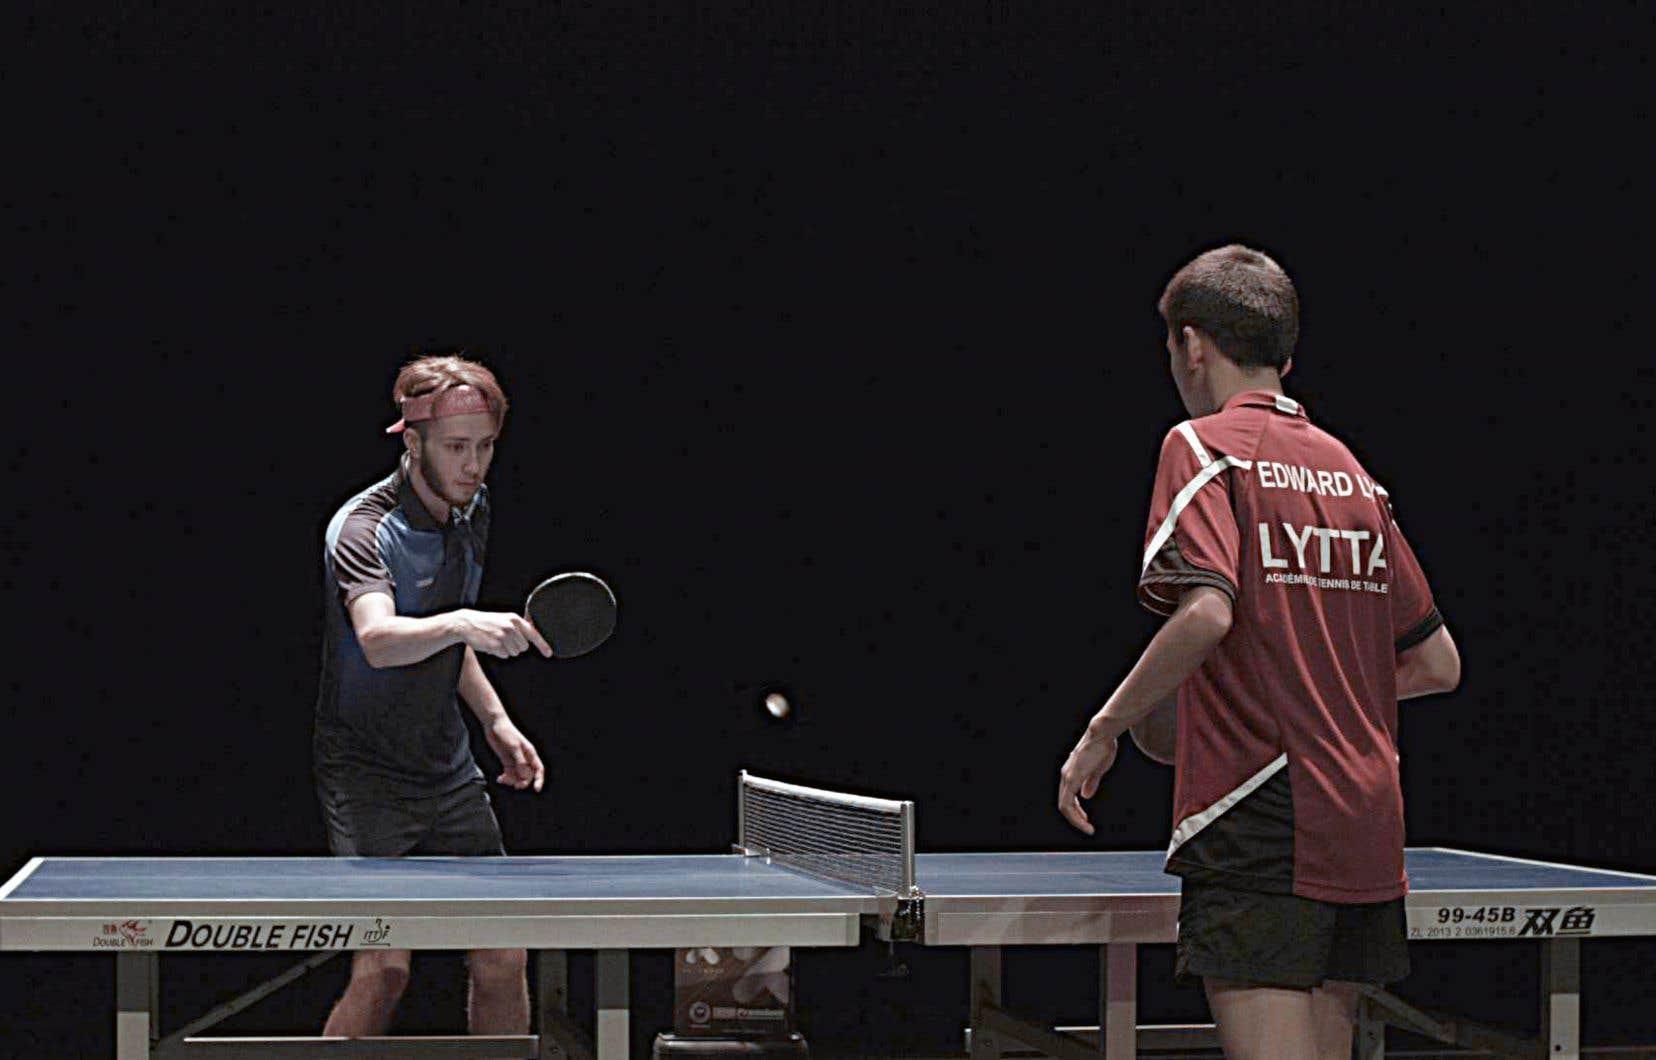 Les joueurs Antoine Bernadet et Edward Ly modulent leurs intensités, intentions et distances, et sous nos yeux prend place un vrai jeu, qui gagne davantage à persister et à varier qu'à trouver son champion.